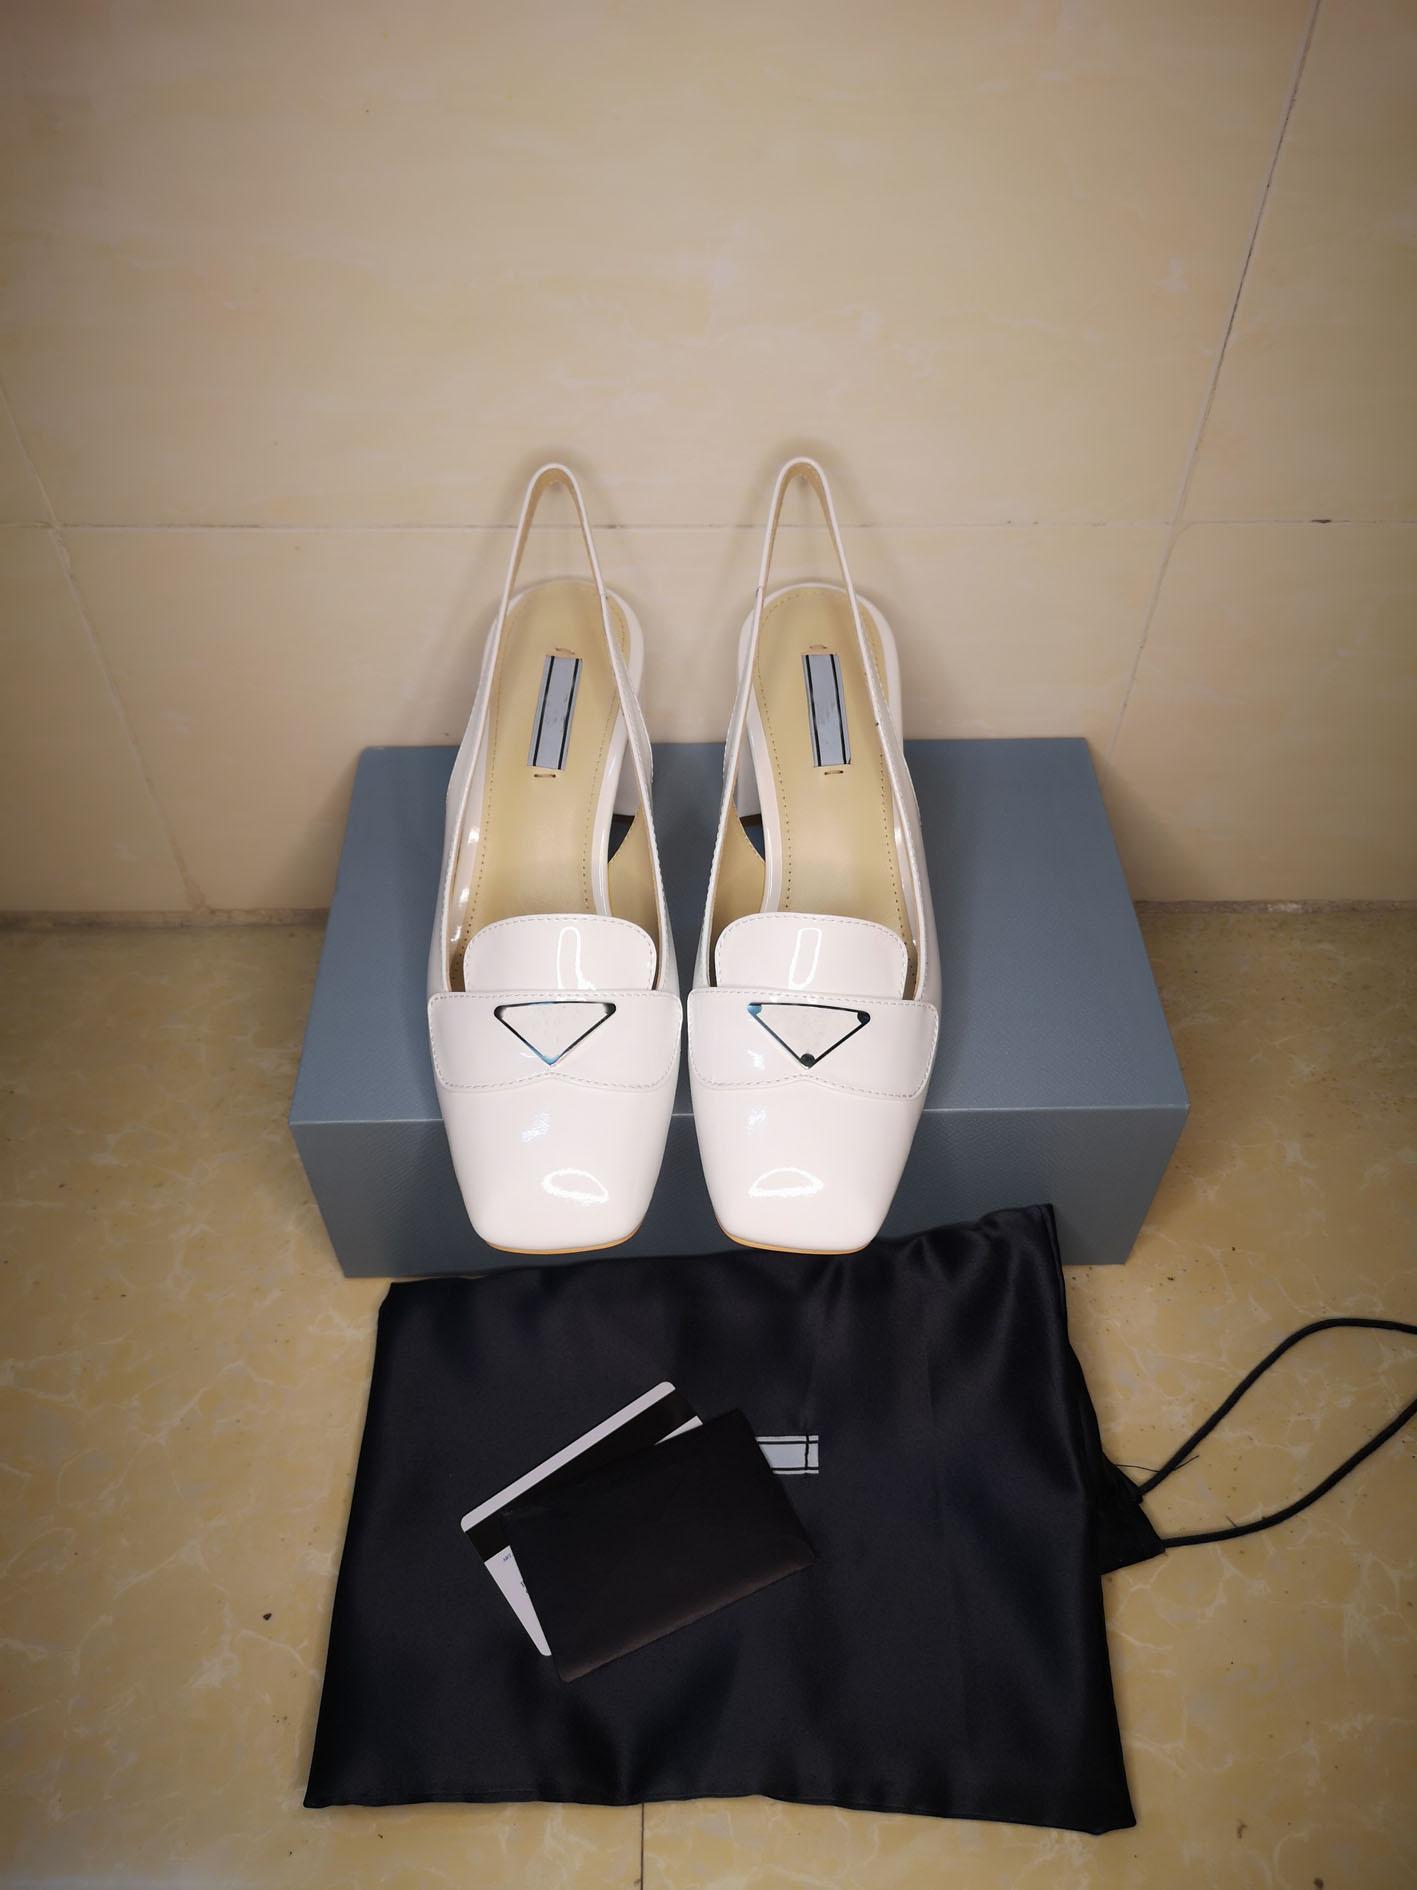 2020 Dernières robes haut de gamme Chaussures Mode Classic Mariage Chaussures Femme Noir Fête Fashion Plat Top Prestige Designer Chaussures Véritable Cuir Sanda